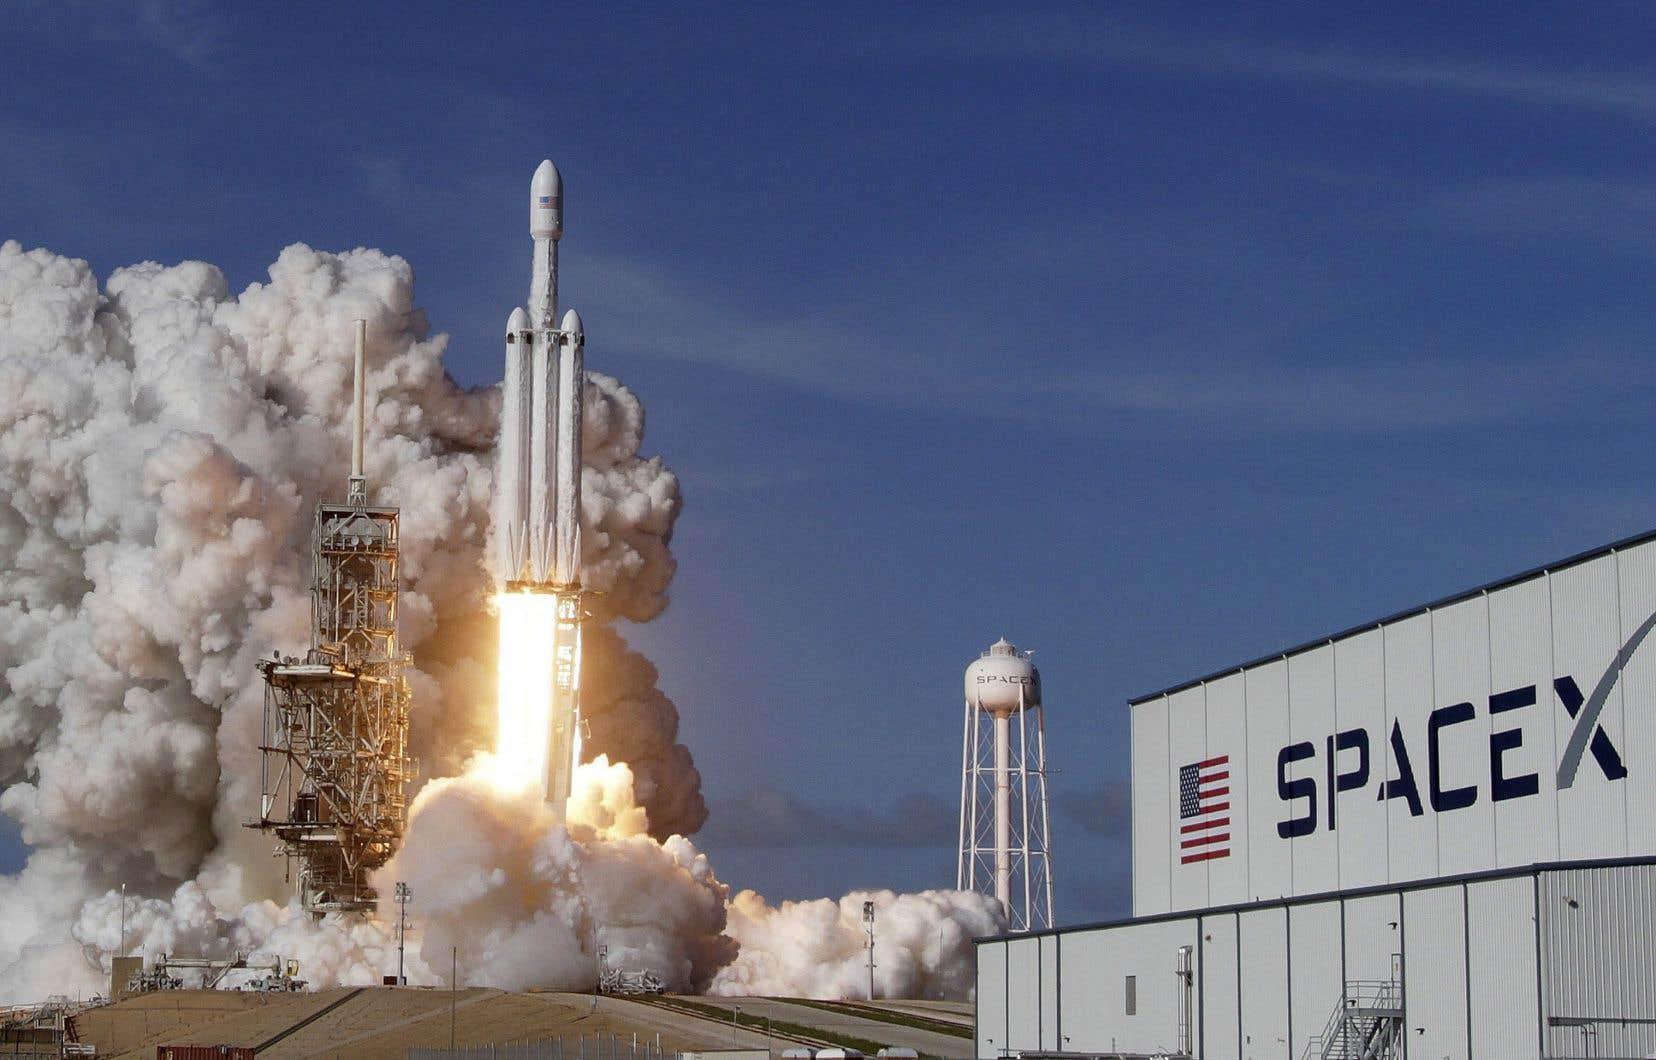 Est-il maintenant permis à tous — surtout aux gens de pouvoir — d'envoyer dans l'espace ce que bon leur semble sous le prétexte de l'exploration spatiale? se questionne l'auteur.